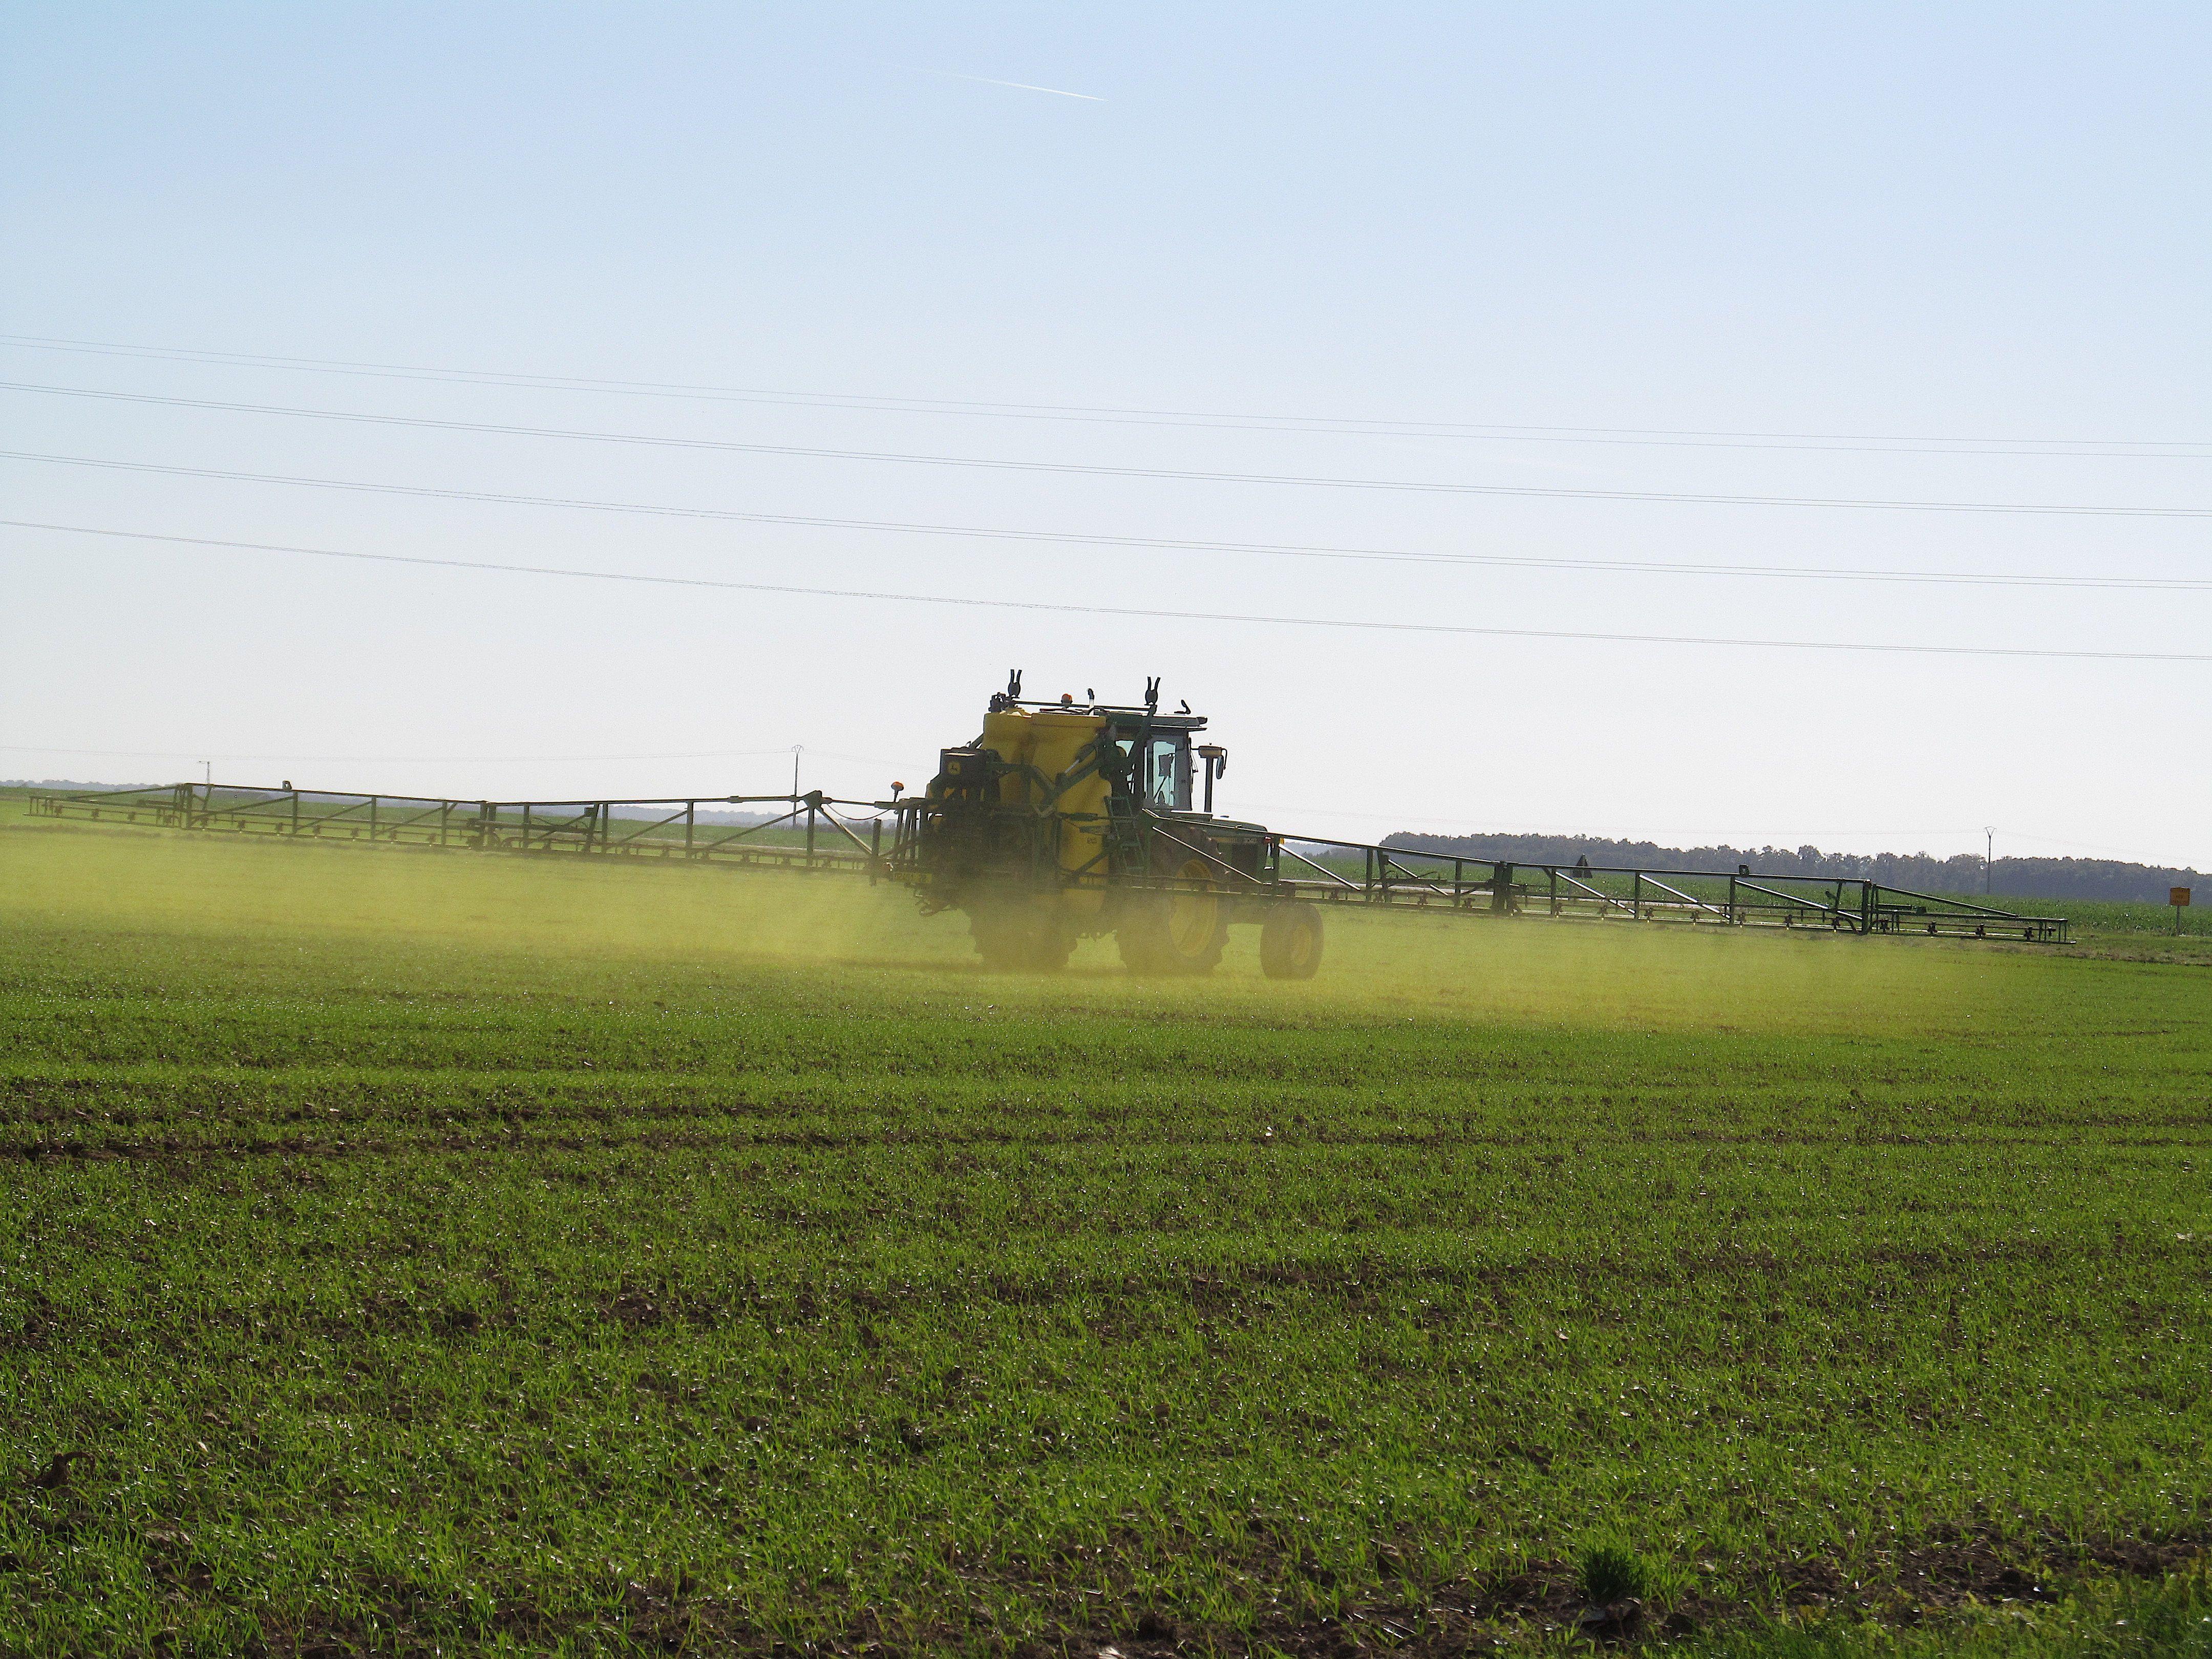 Les lobbyistes de Monsanto interdits au Parlement européen